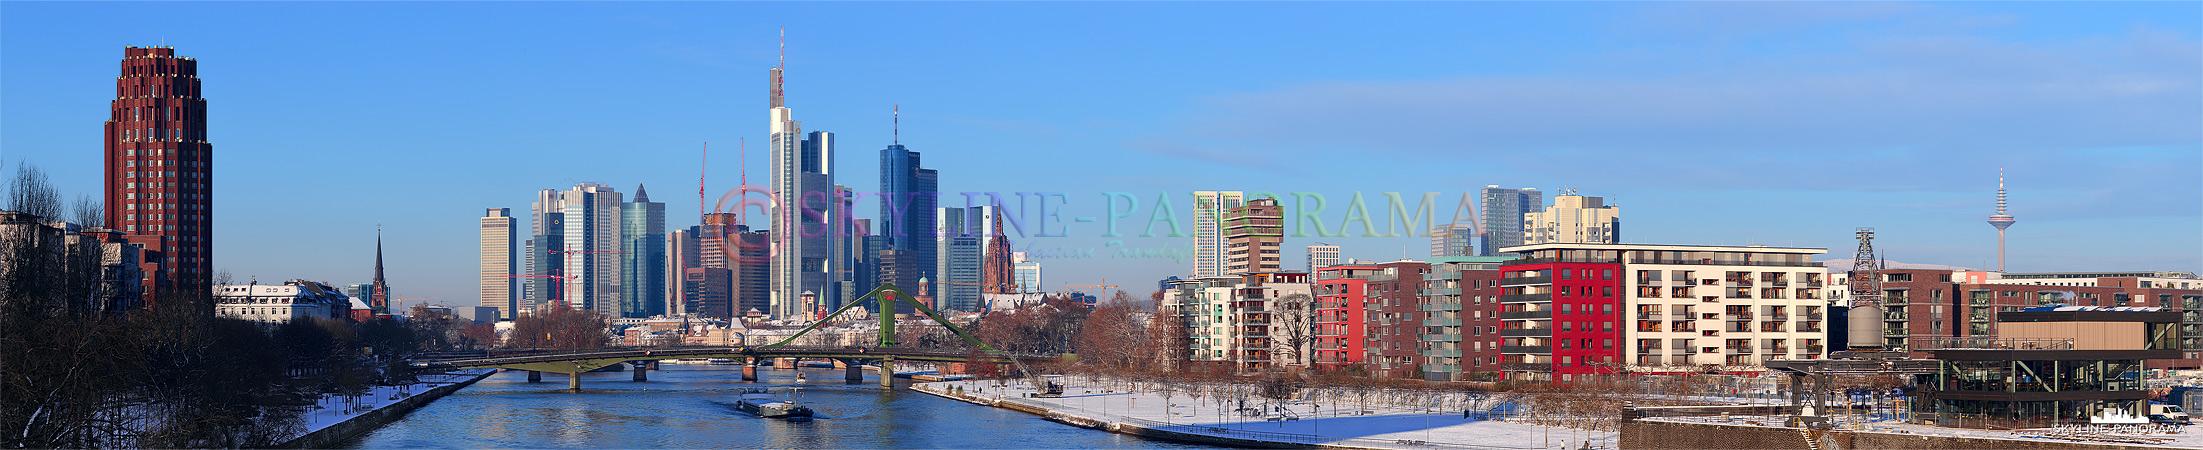 Skyline Bilder - Das Panorama zeigt den Blick von der Deutschherrnbrücke auf die verschneite Frankfurter Skyline mit den bekannten Hochhaustürmen.